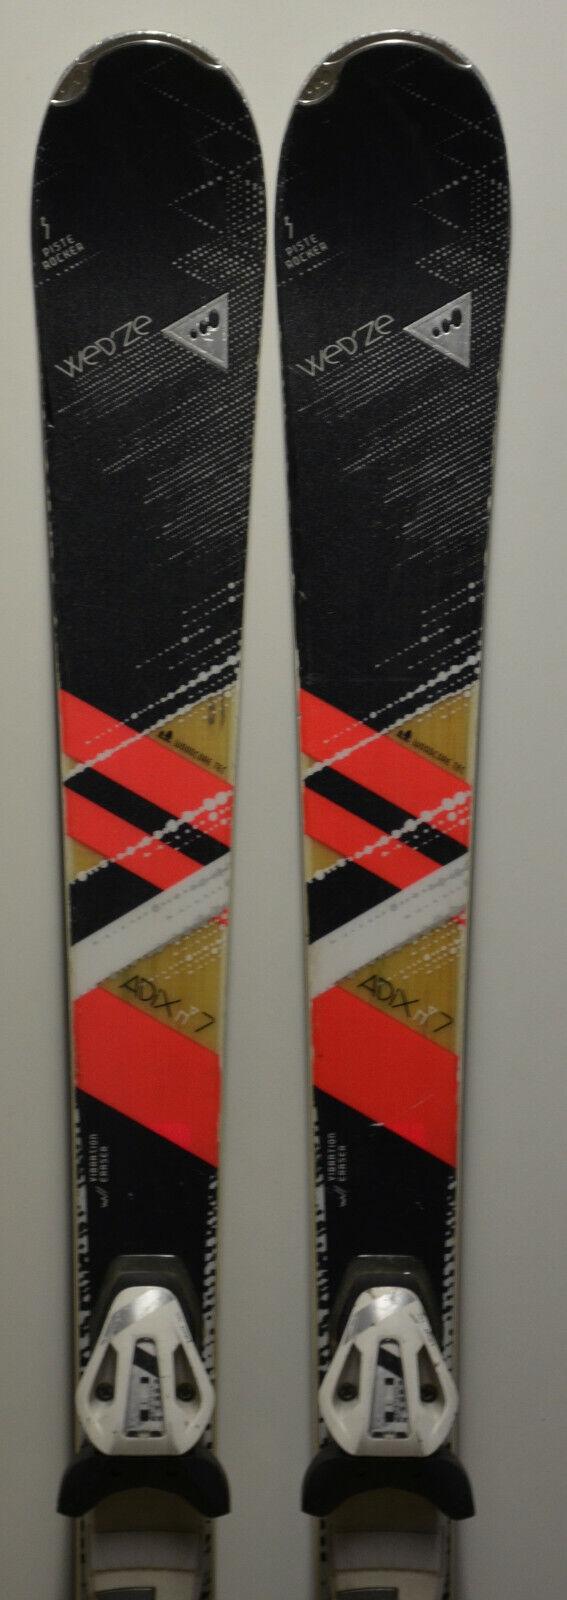 Skis parabolic used WED'ZE Adix 7 + Bindings - 156cm & 163cm